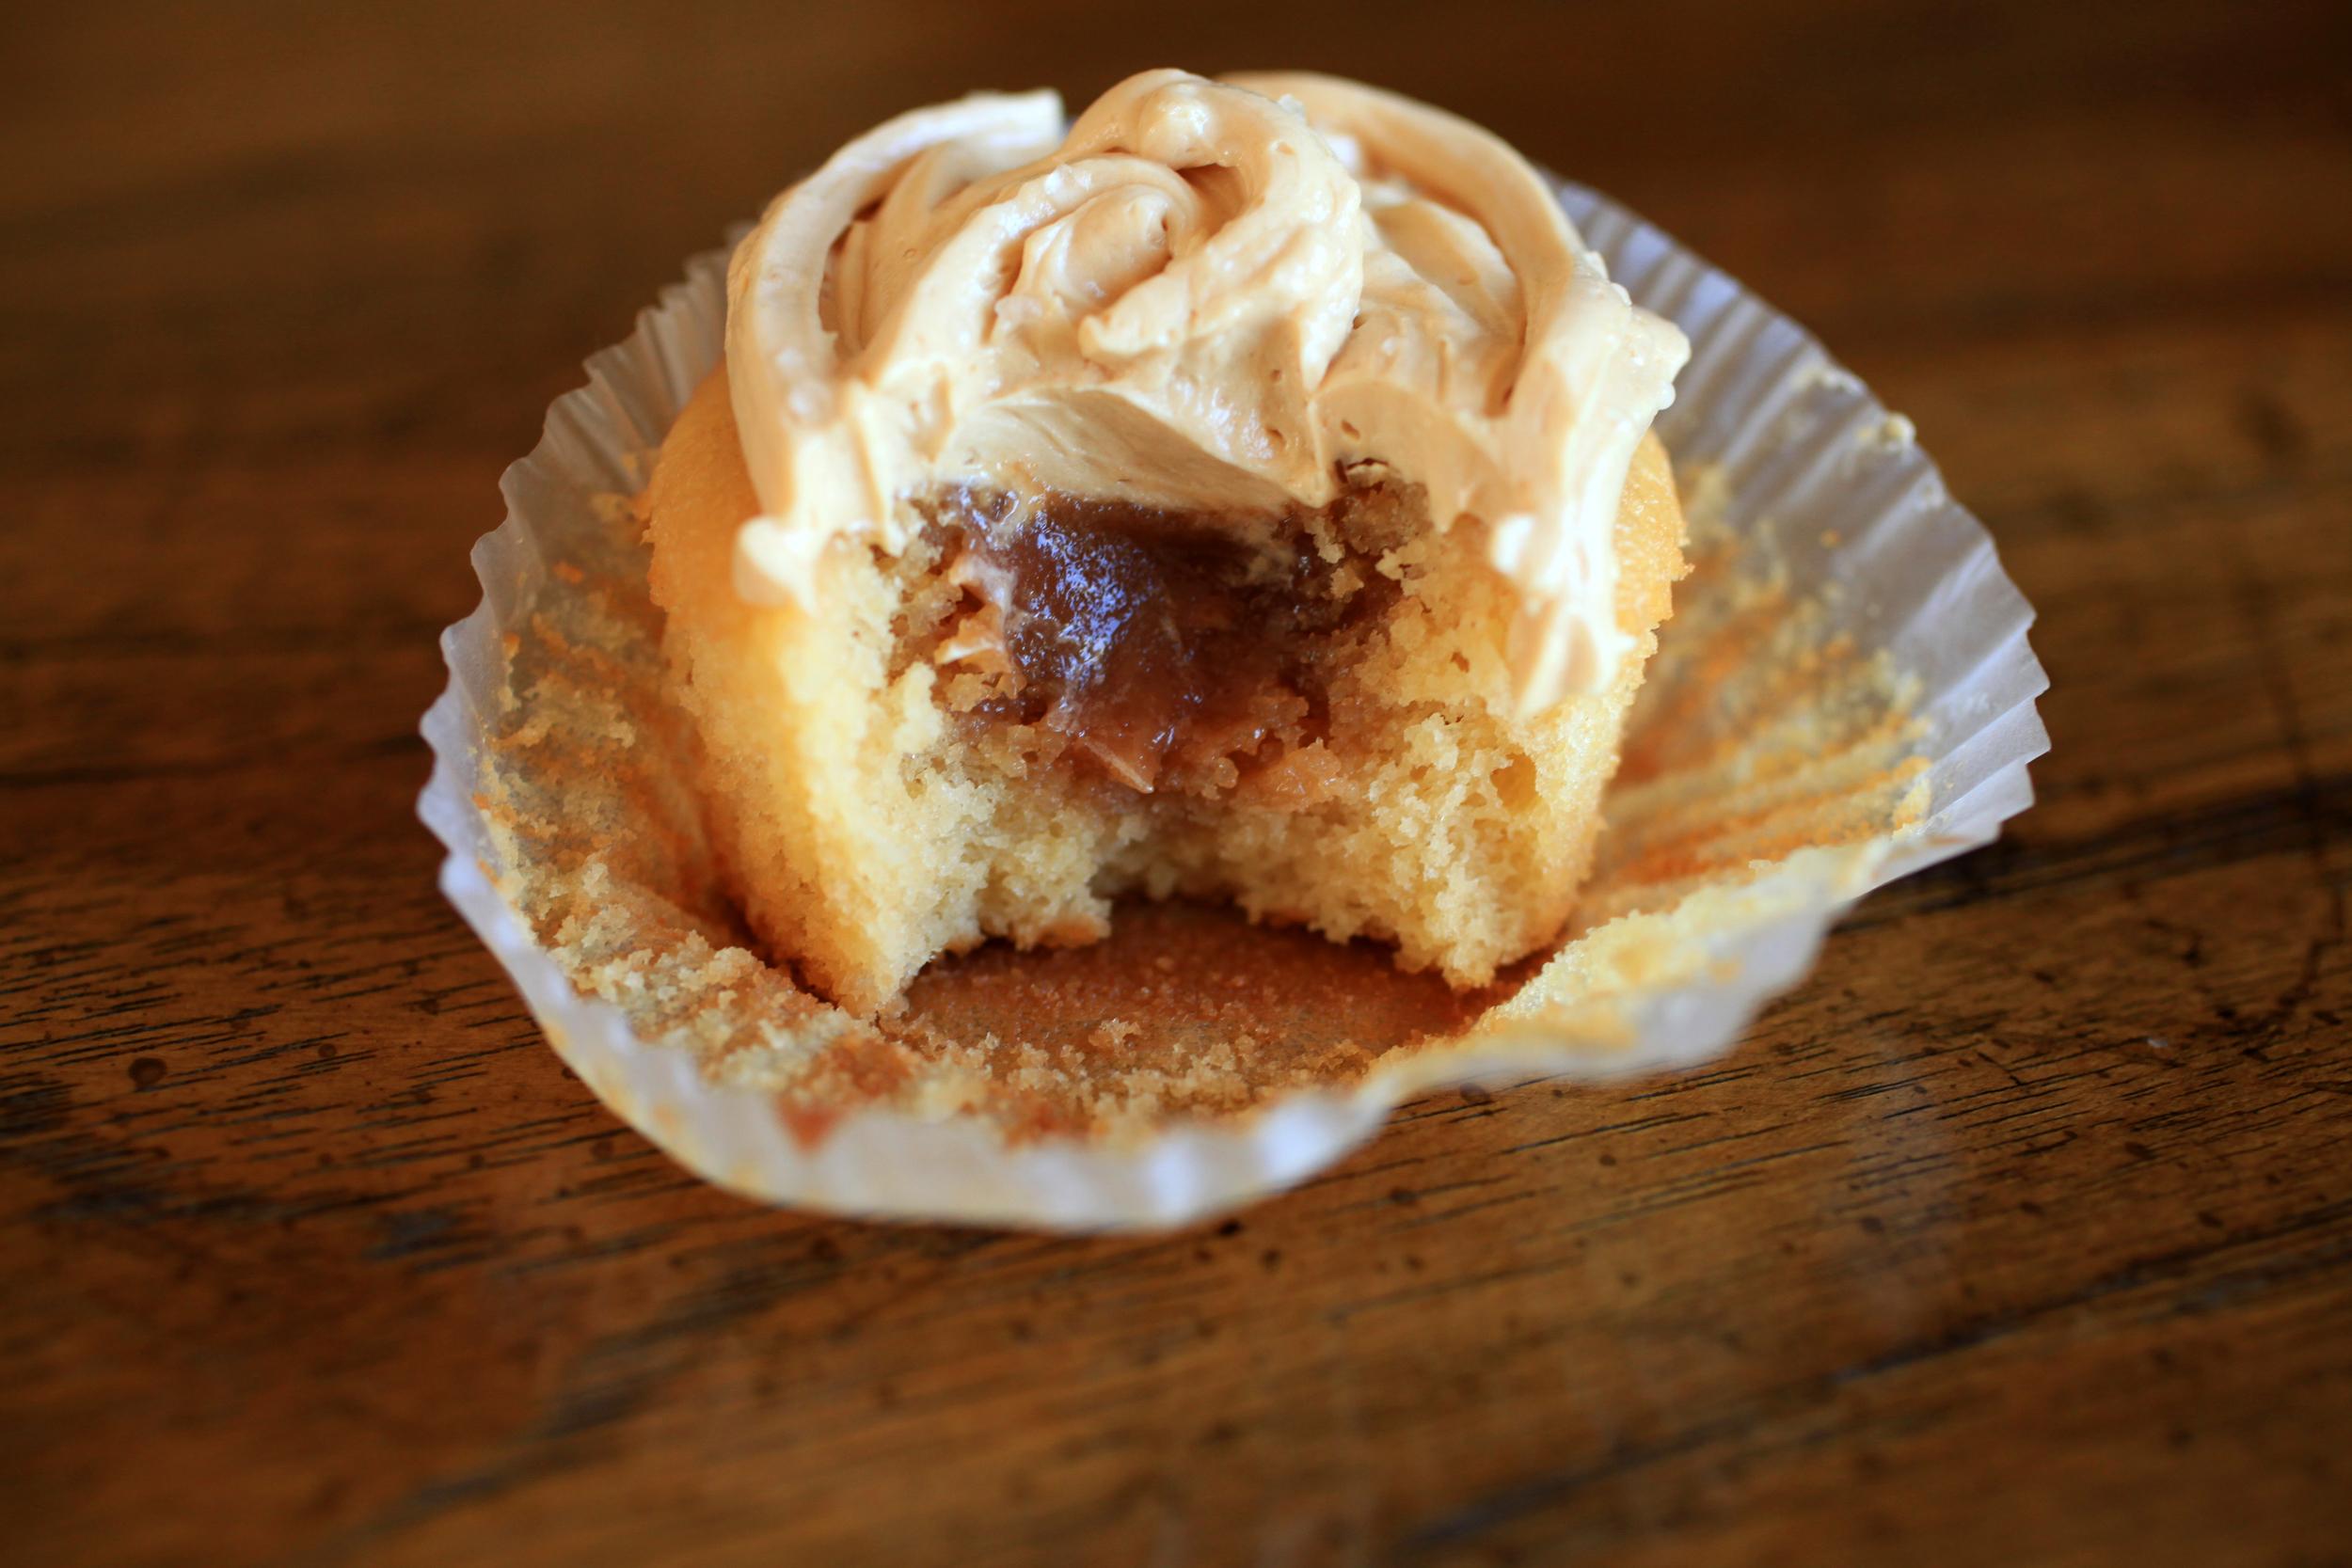 cupcake0.jpg